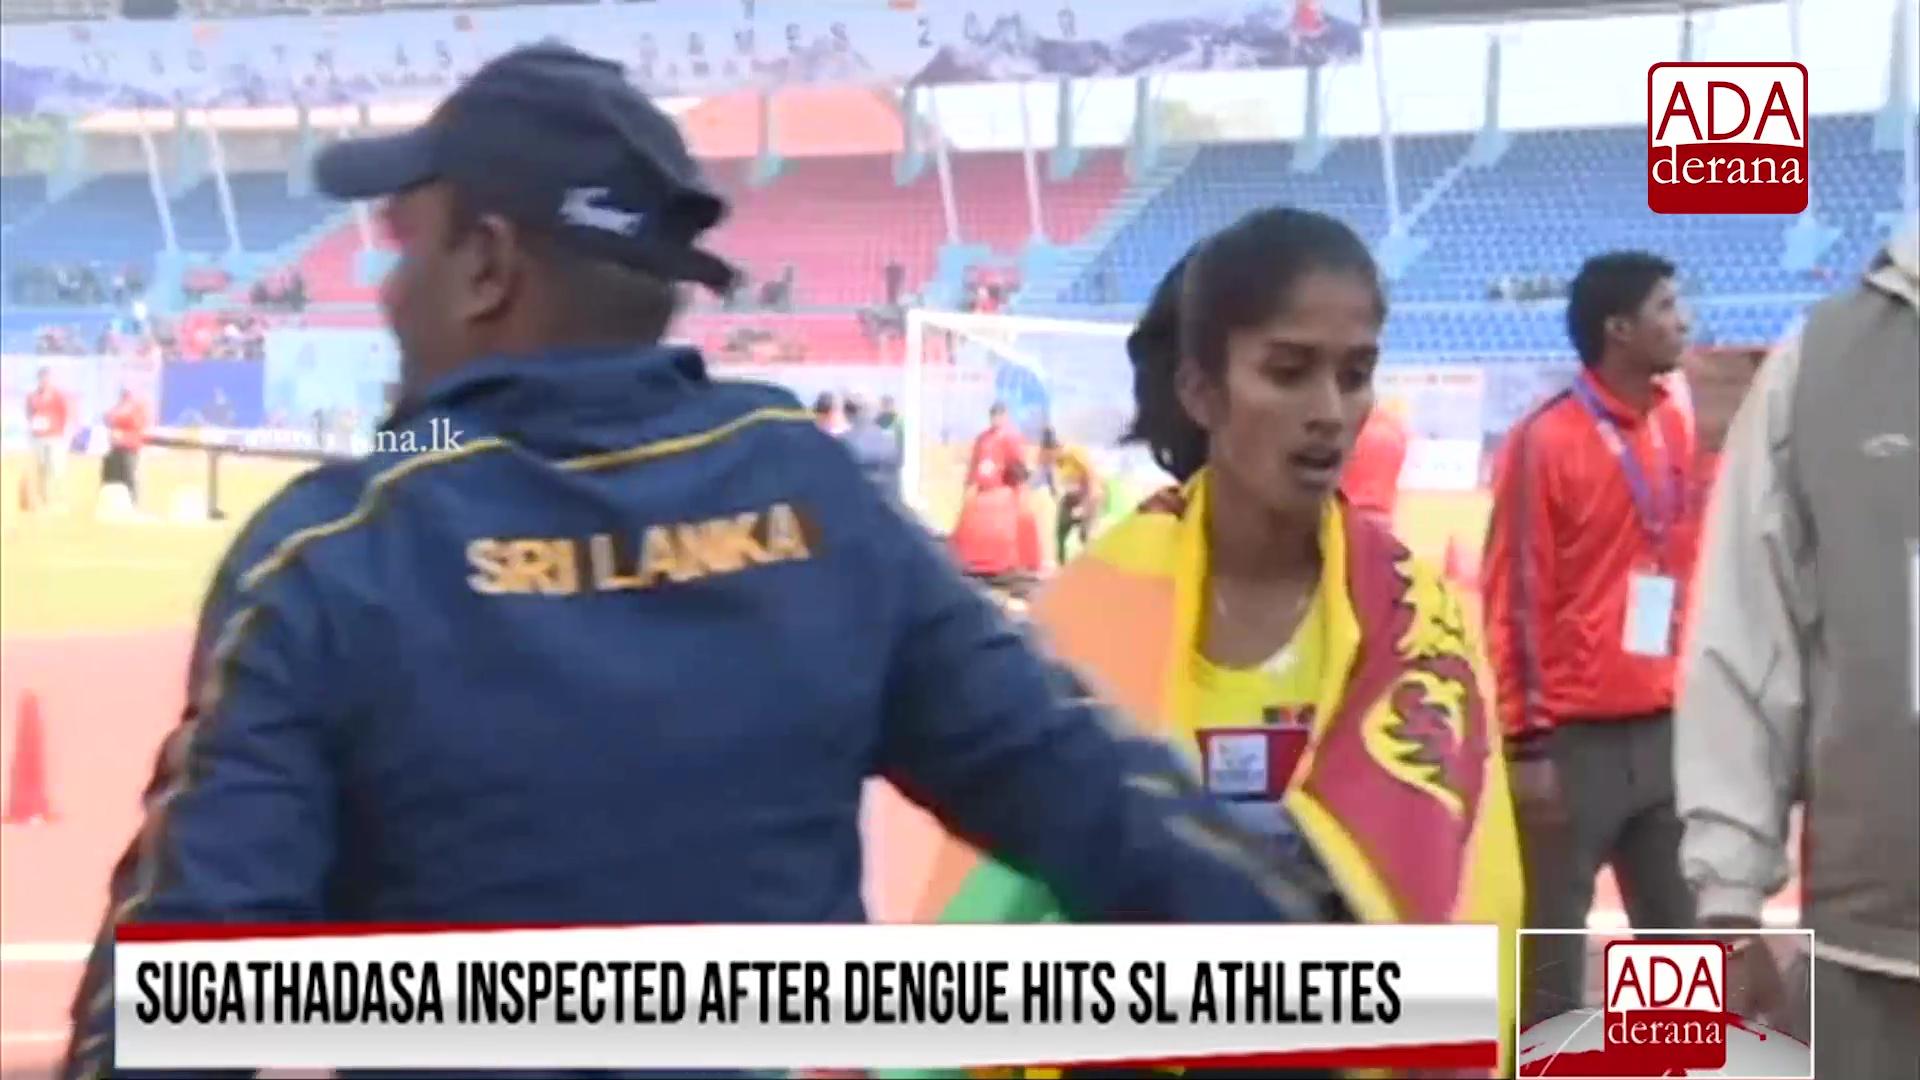 SAG athletes caught dengue at Sugathadasa Stadium? (English)